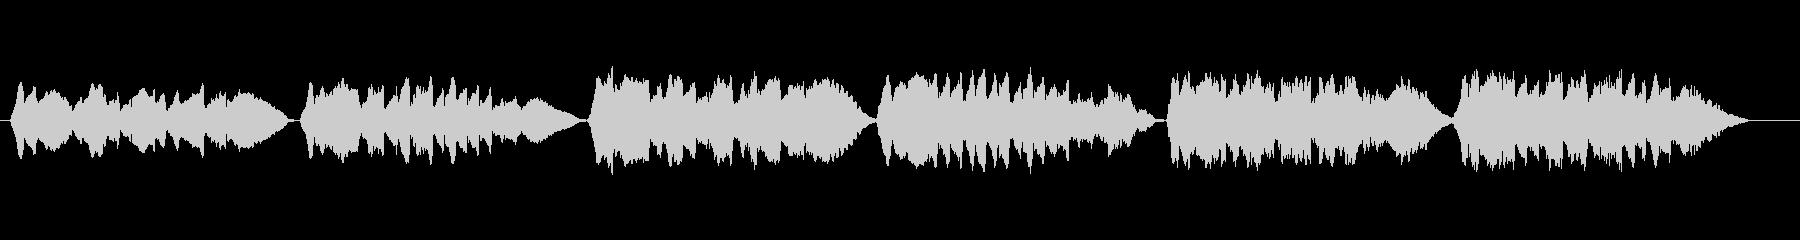 無伴奏ヴァイオリンによる童謡「赤とんぼ」の未再生の波形